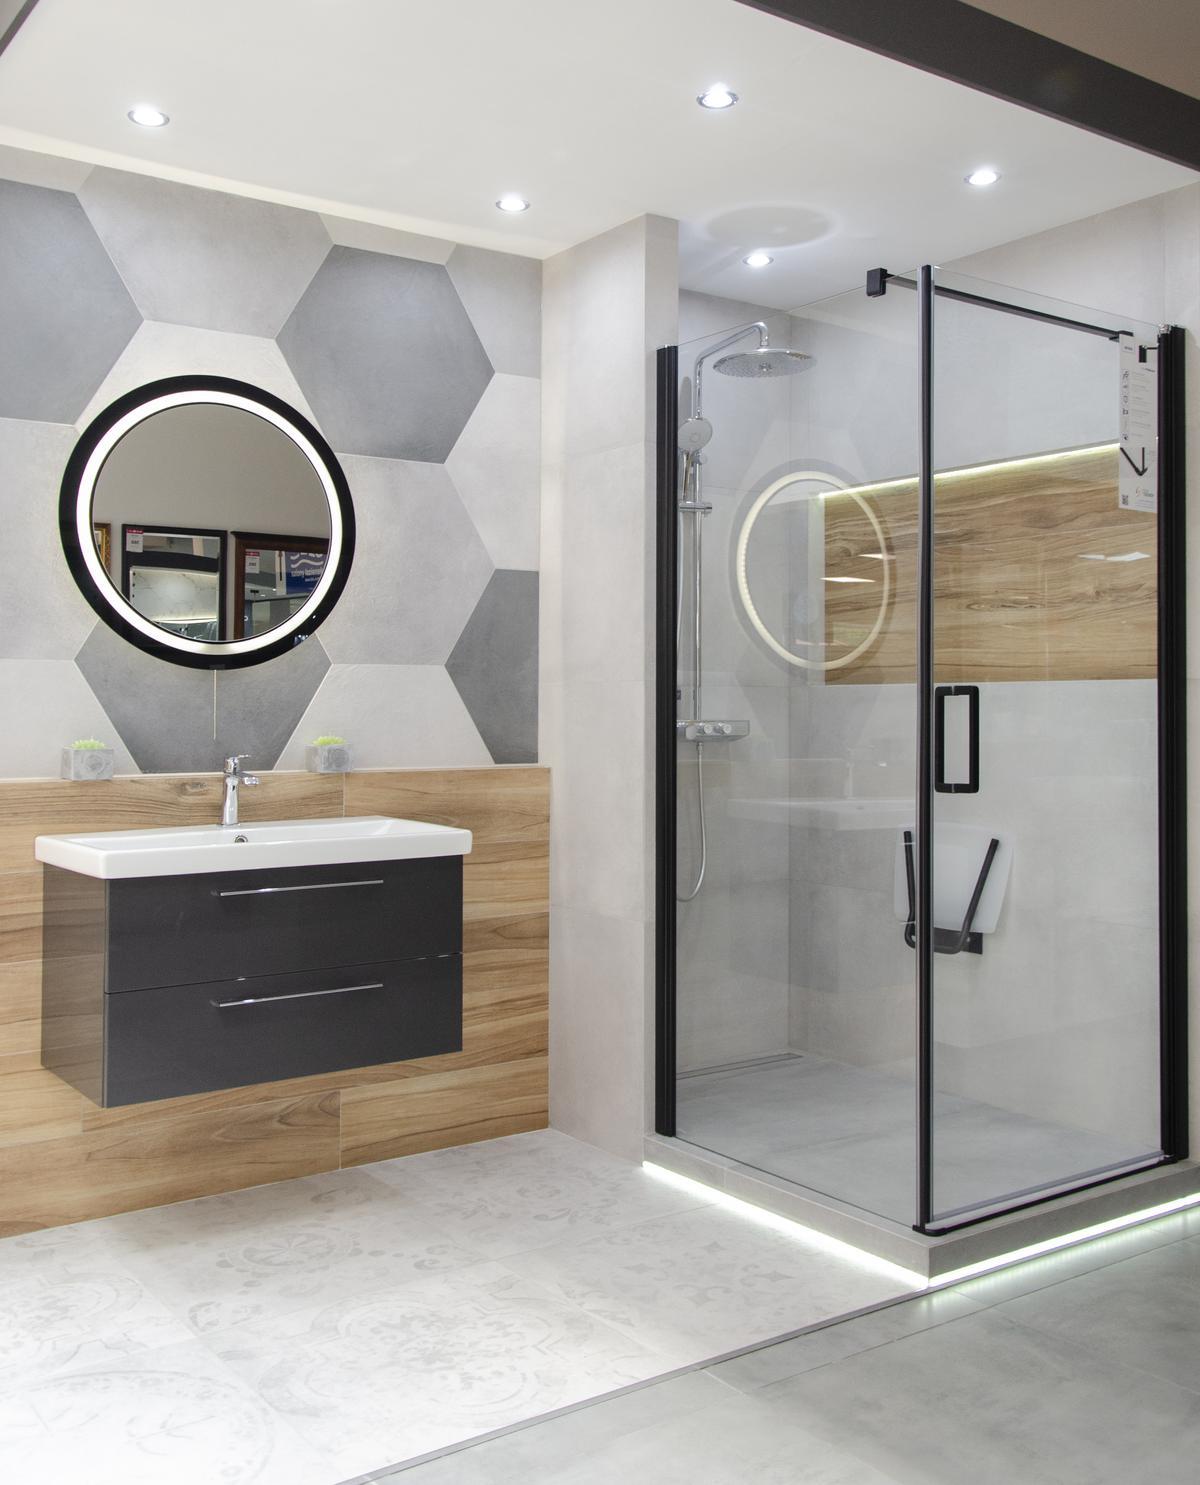 Industrialna łazienka z nawiązaniami do geometrycznych kształtów - zdjęcie od BLU salon łazienek Grudziądz